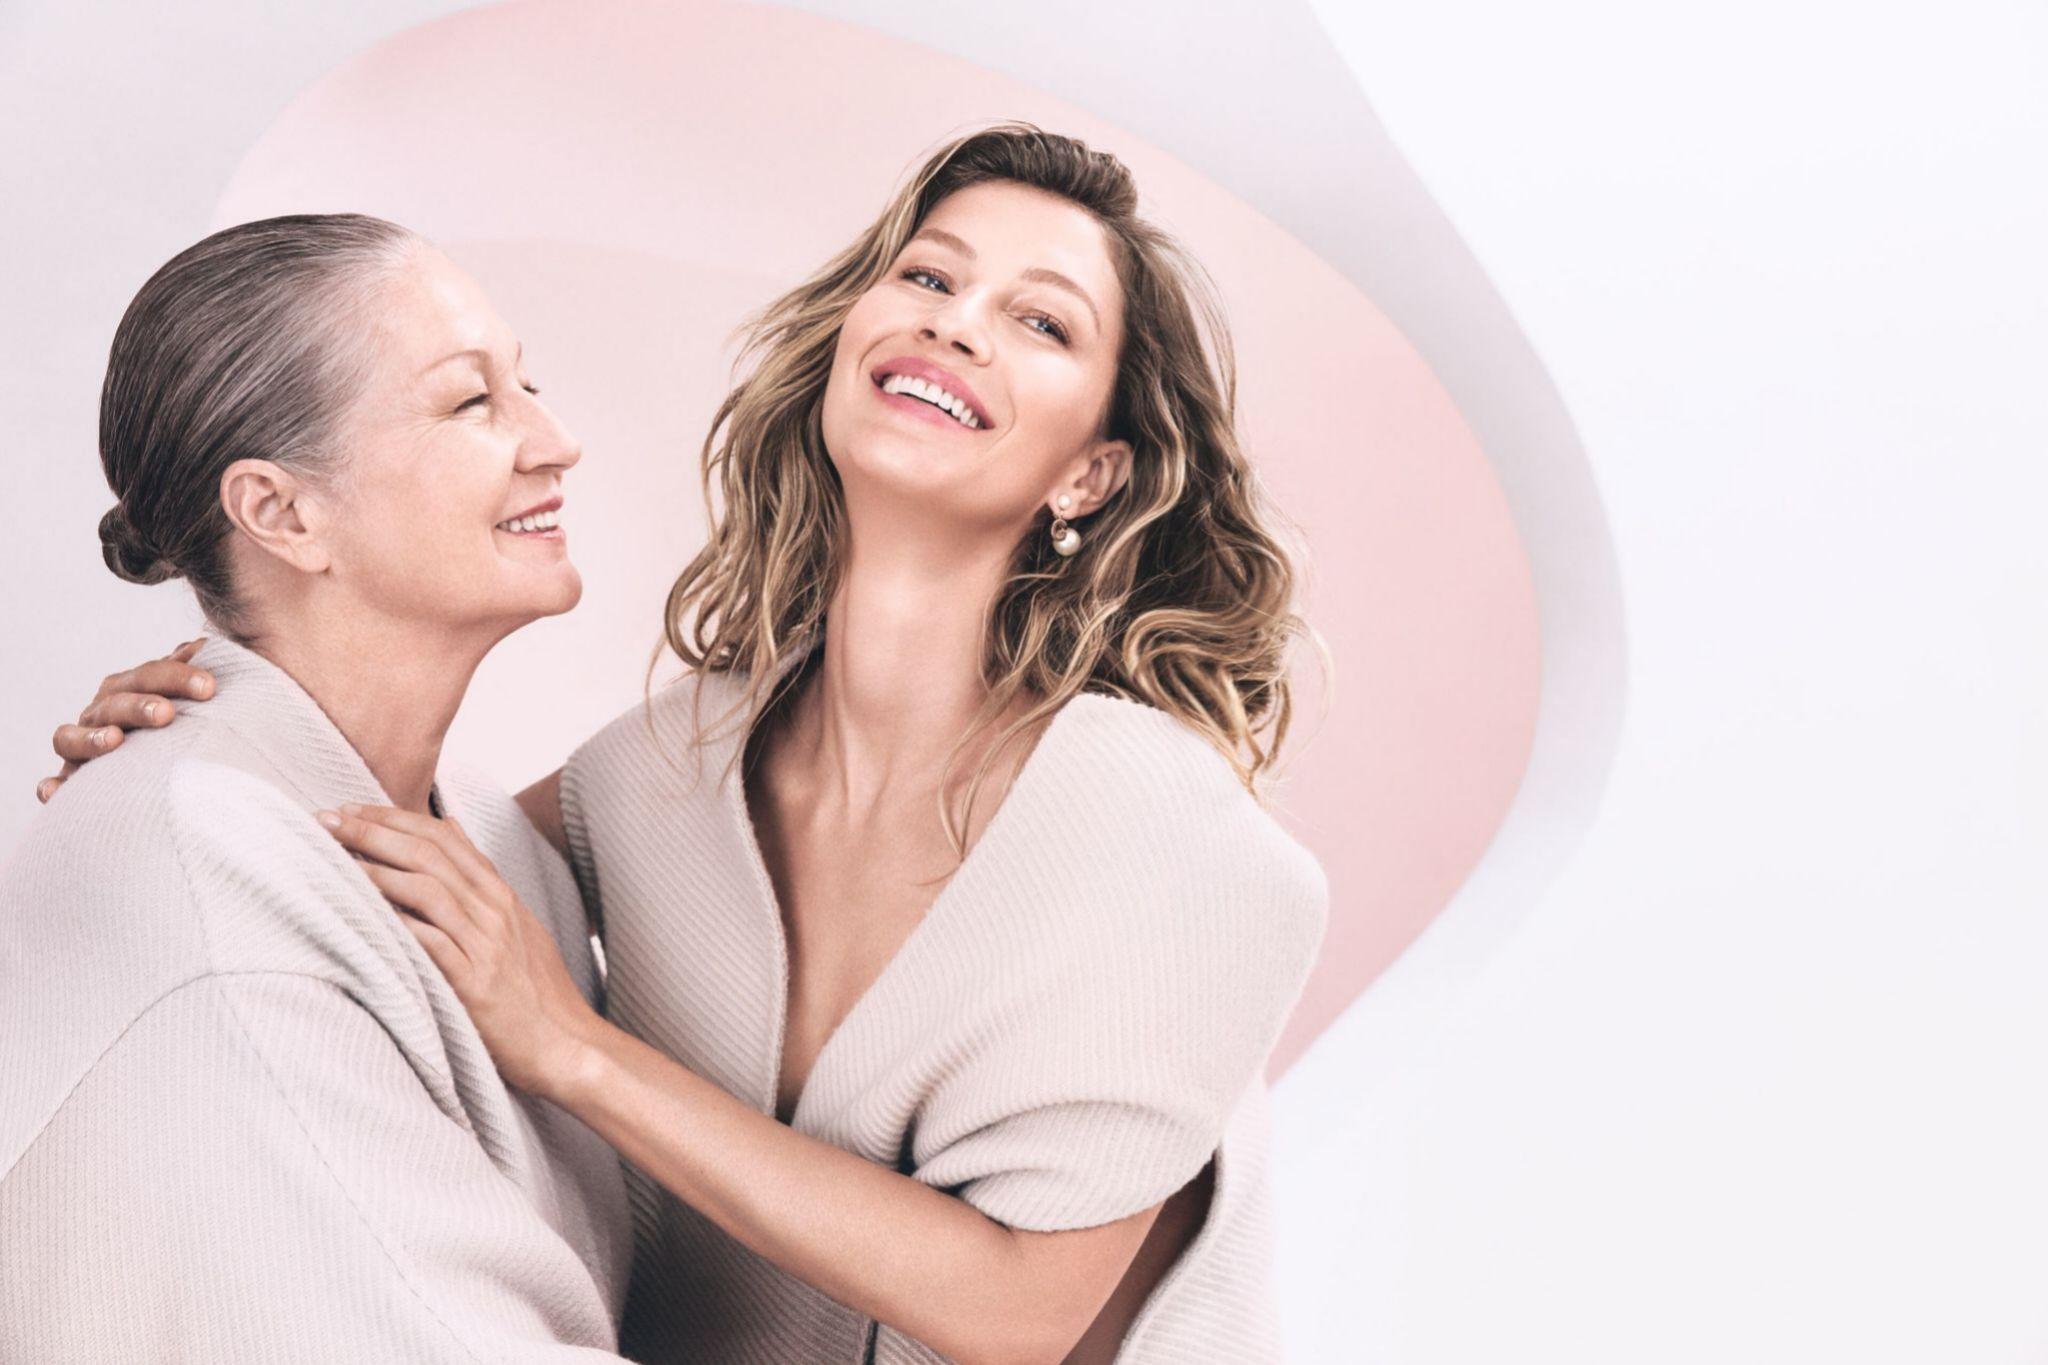 Gisele con su madre, en una campaña de Capture Totale, línea antiedad de Dior de la que es imagen.